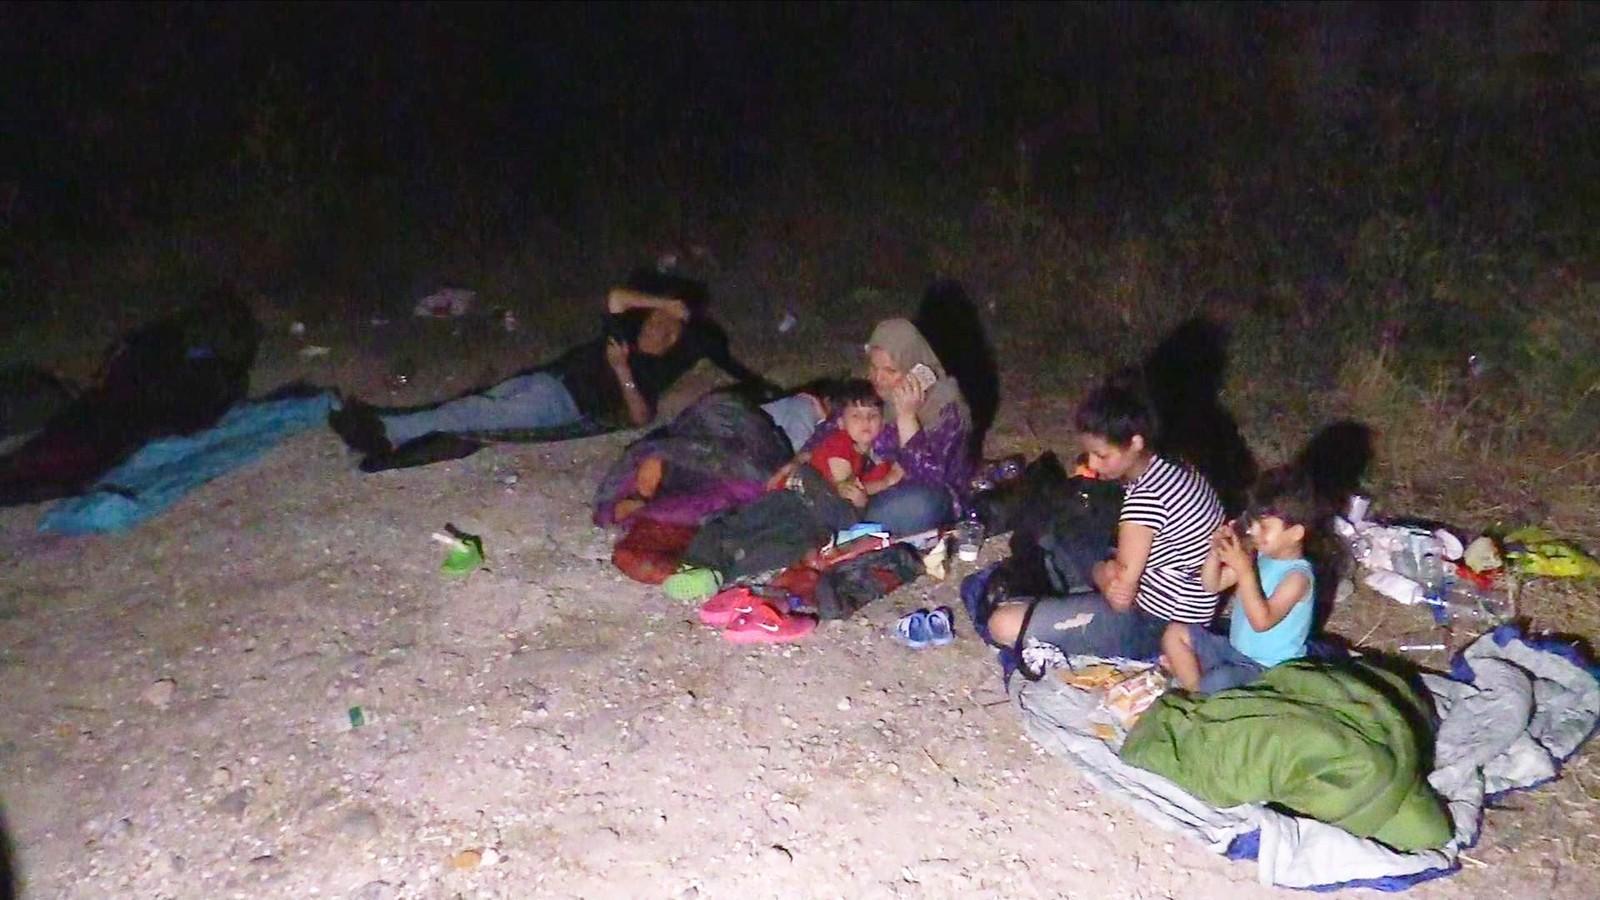 Folk må sove rett på bakken når de kommer til Lesvos. Innbyggere og turister prøver å hjelpe ved å gi liggeunderlag og soveposer til folk.